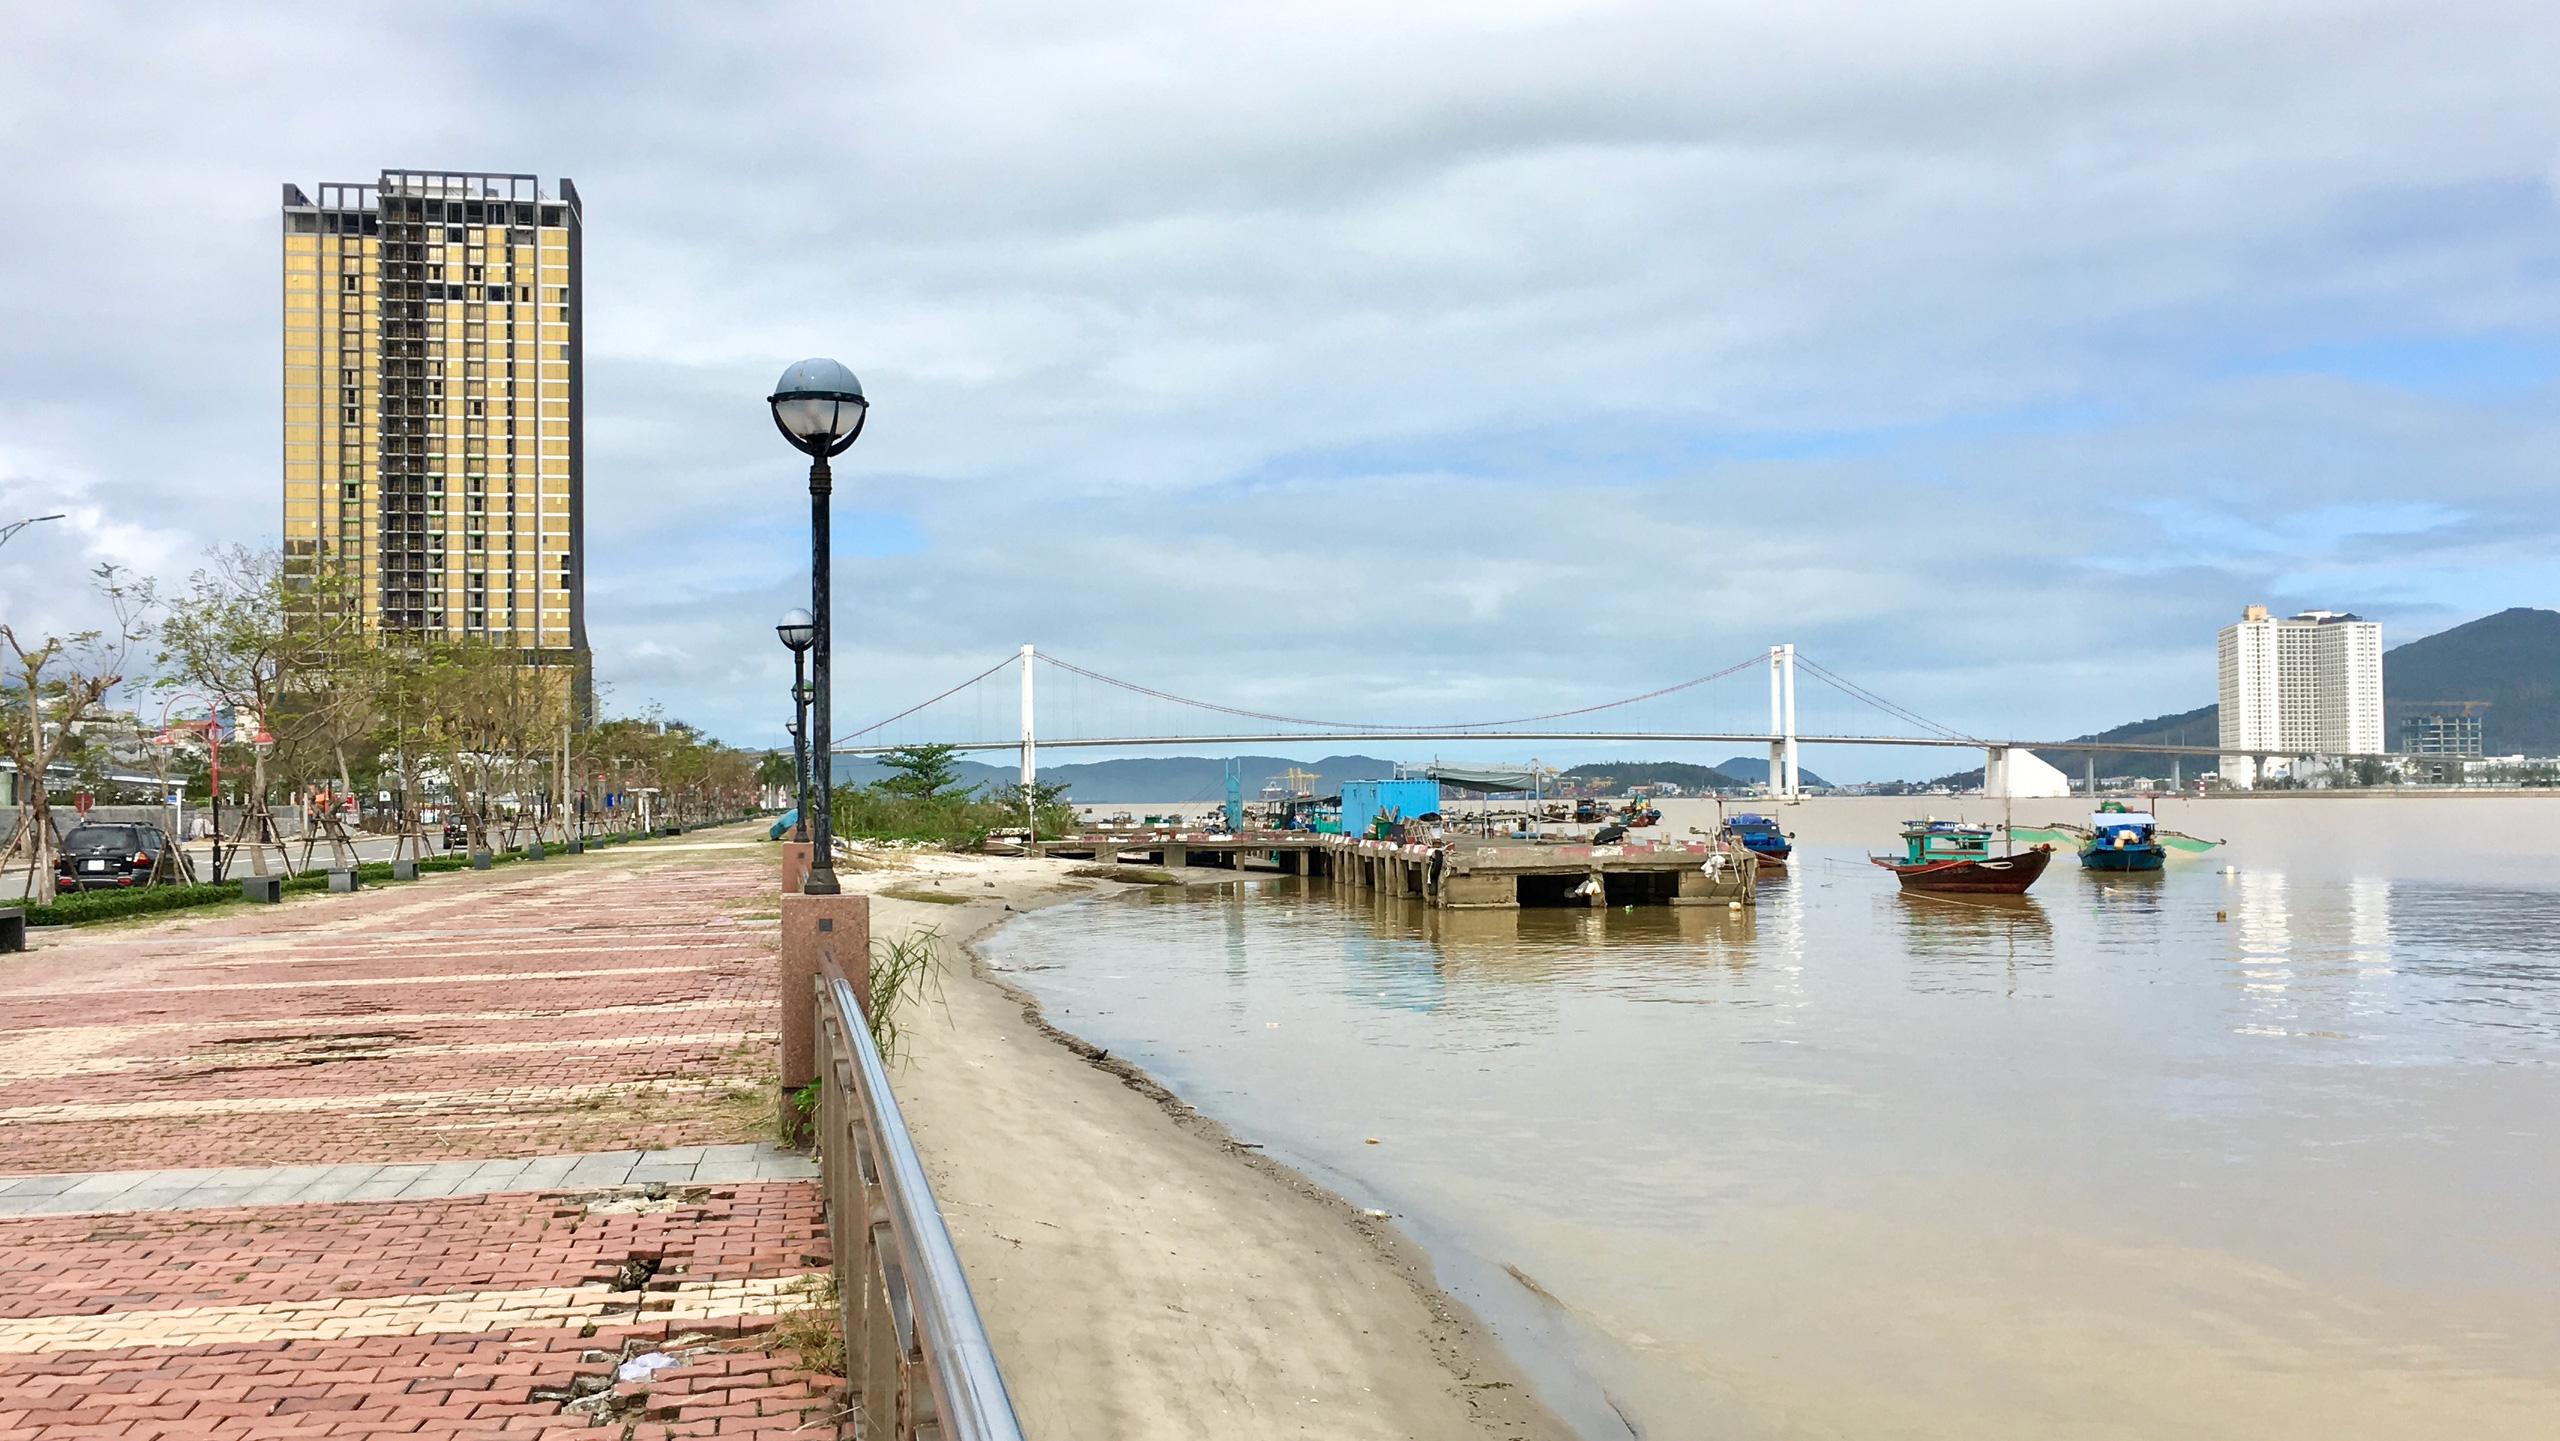 Hai vị trí ven sông Hàn Đà Nẵng kêu gọi đầu tư bến du thuyền quốc tế - Ảnh 4.